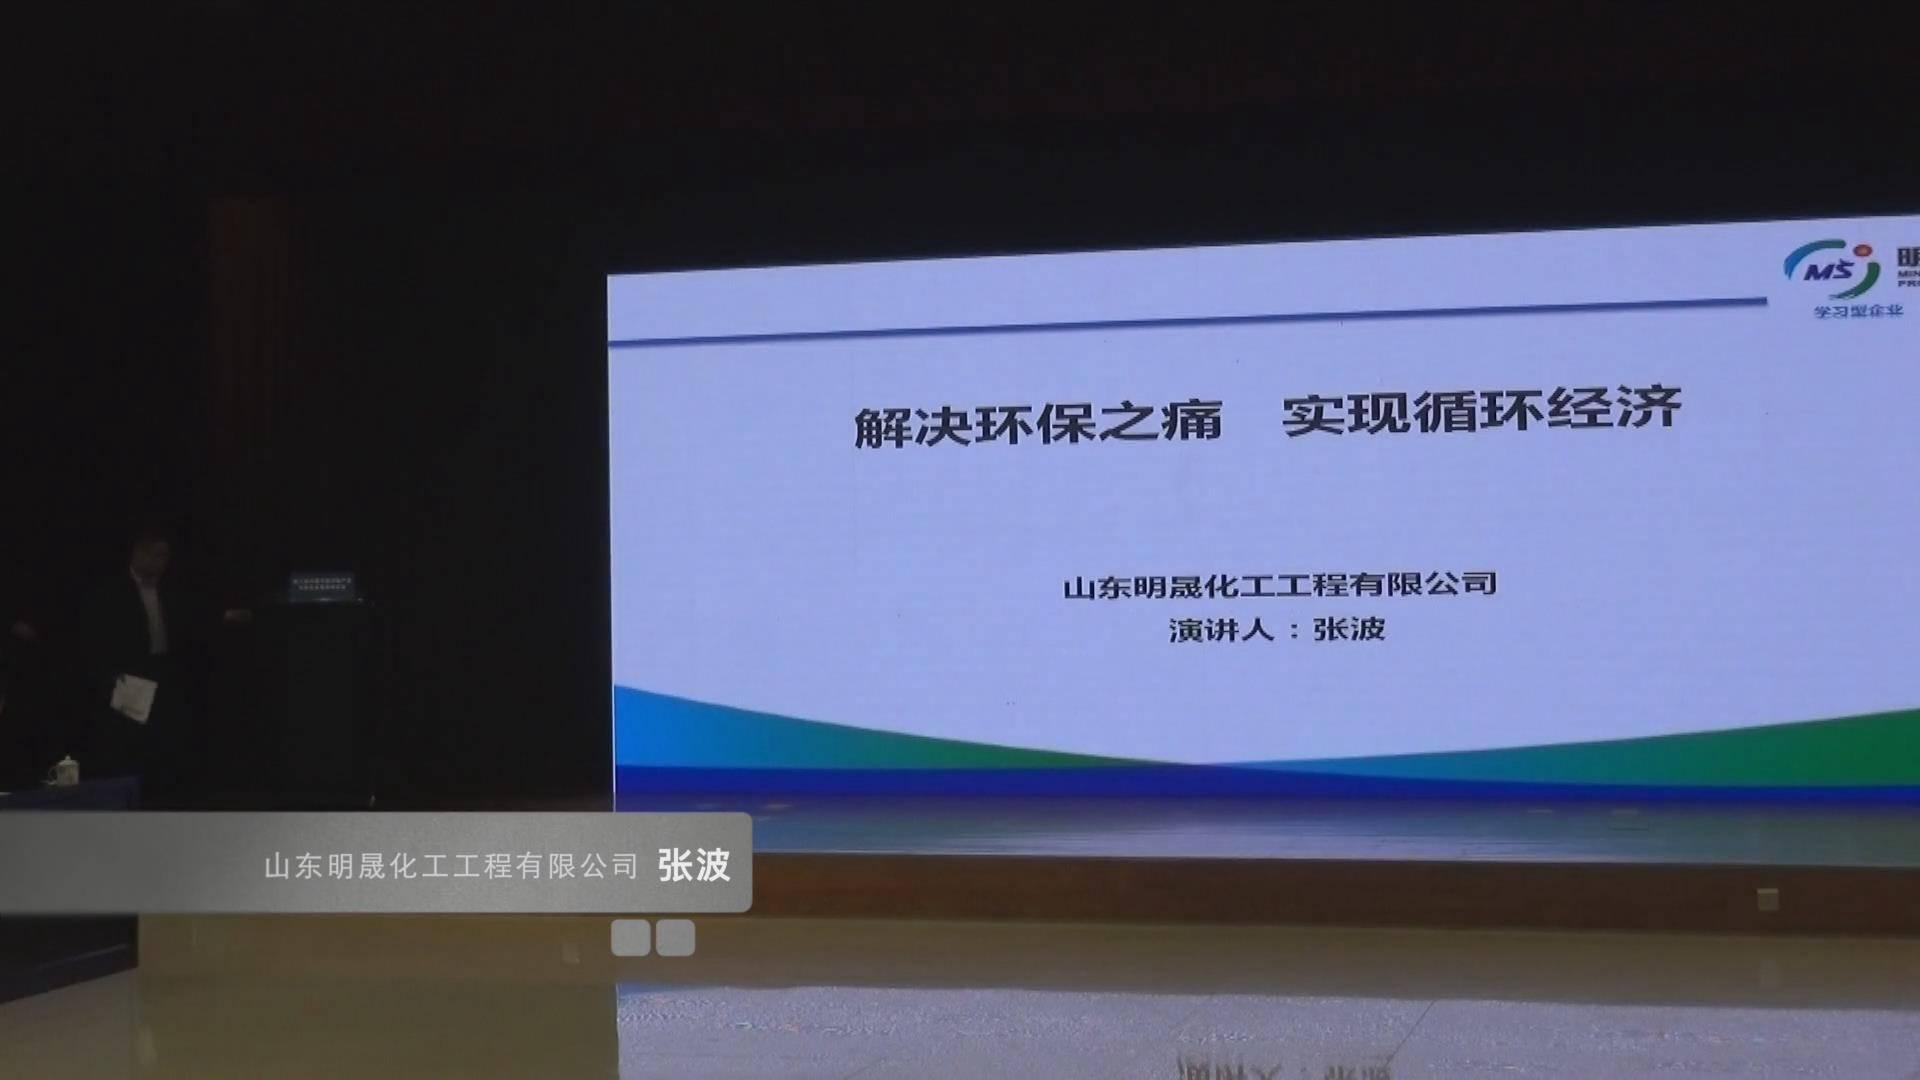 张波:解决环保之痛,实现循环经济